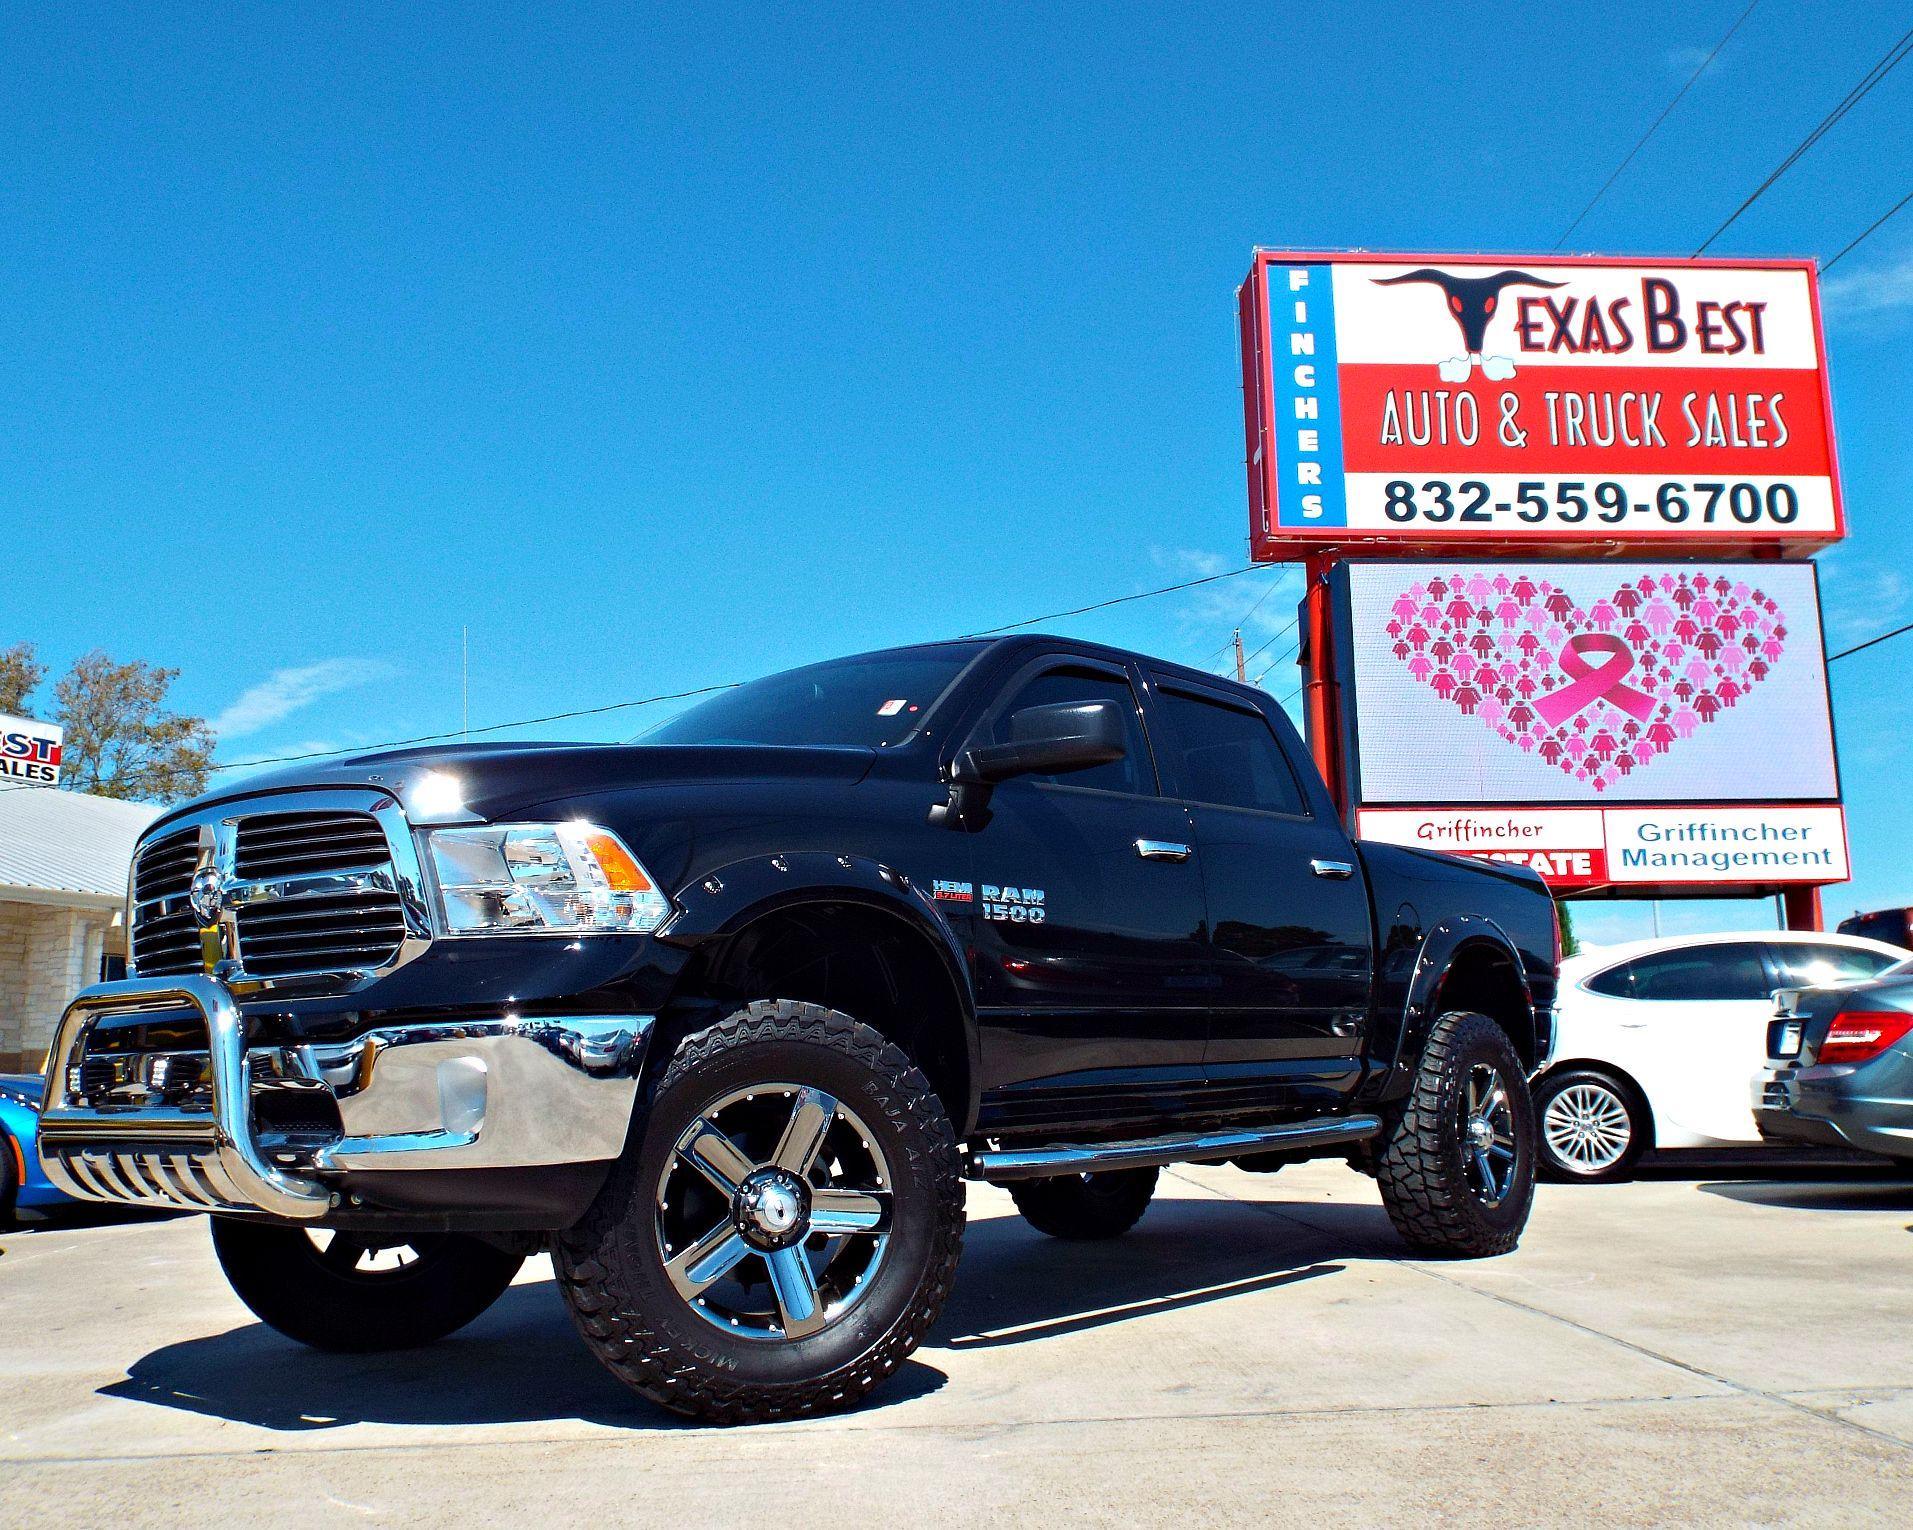 custom lifted 2014 dodge ram 1500 slt big horn edition trucks pinterest dodge ram 1500. Black Bedroom Furniture Sets. Home Design Ideas